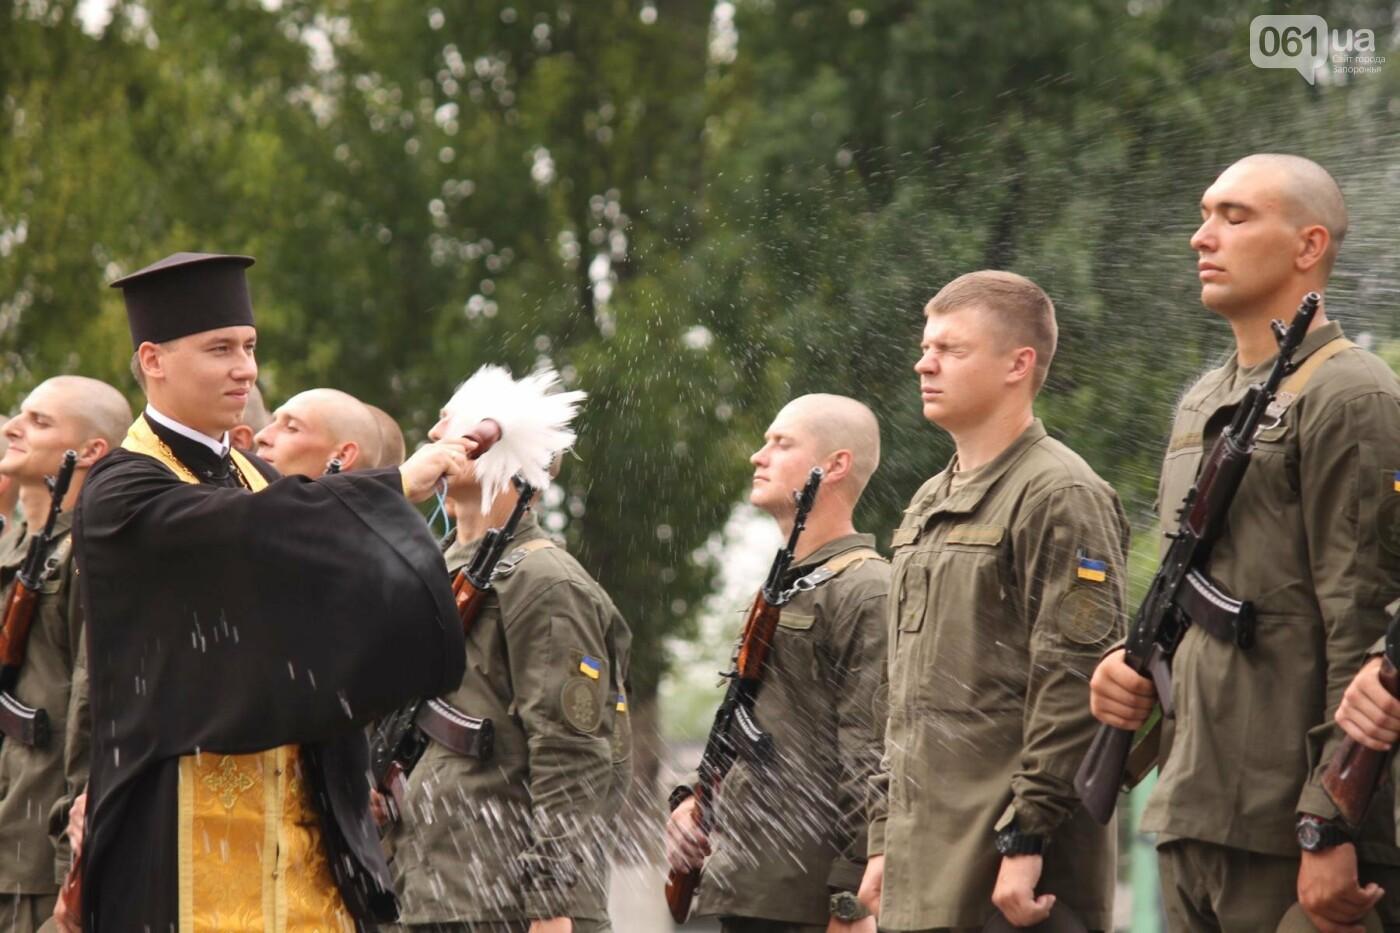 В Запорожье новобранцы Нацгвардии приняли присягу на верность Украине, – ФОТОРЕПОРТАЖ, фото-20